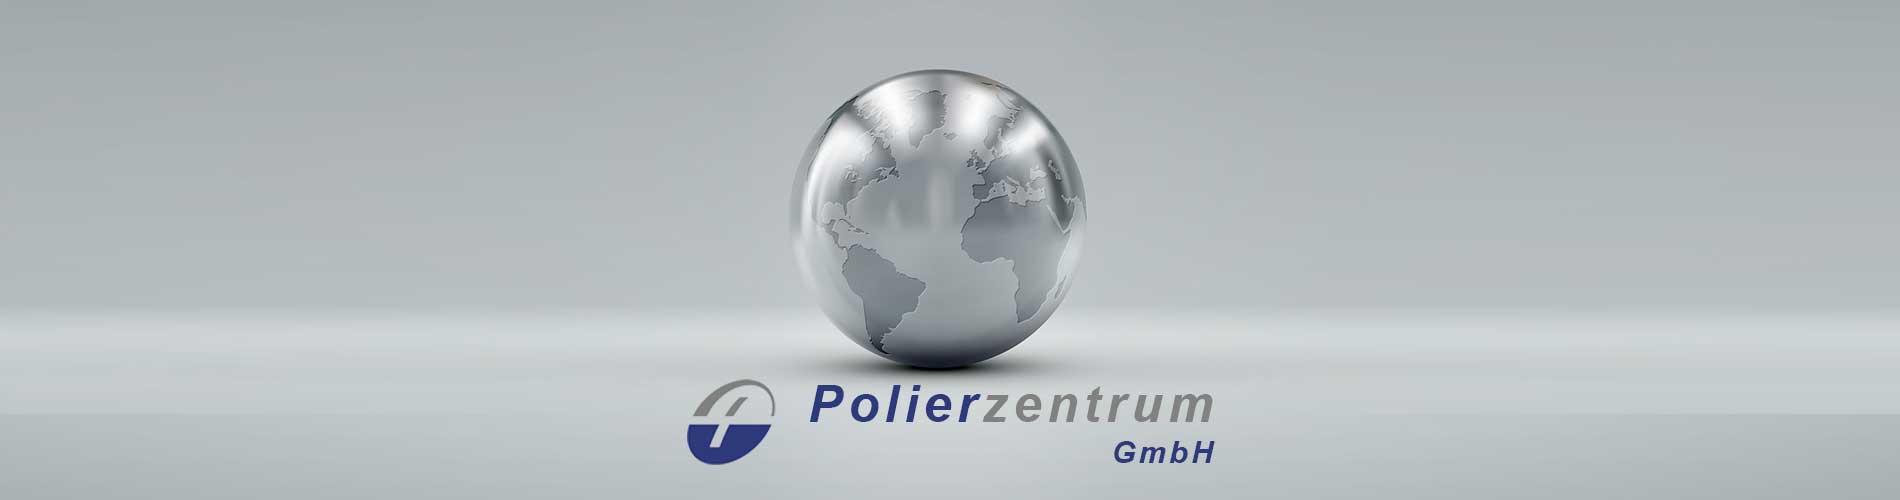 Polierzentrum GmbH – Fördermittelakquise und Betriebswirtschaftliche Beratung